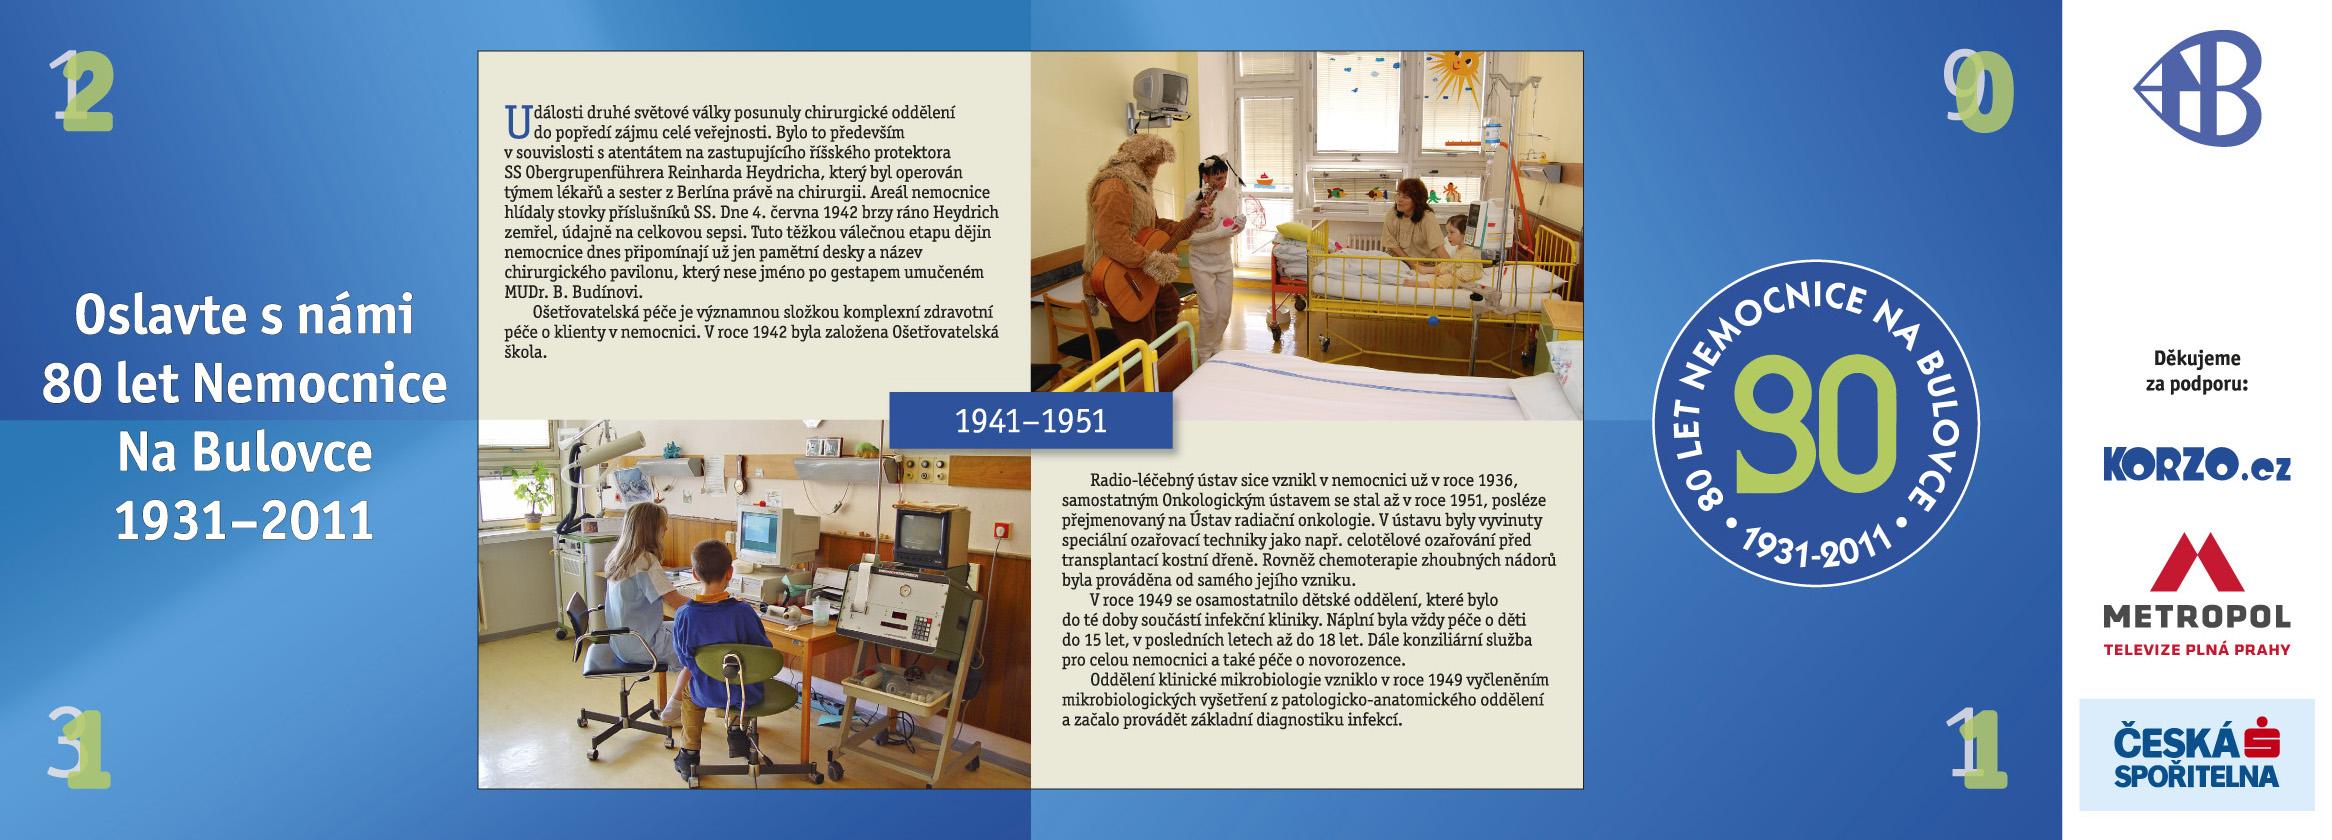 80 let Nemocnice na Bulovce